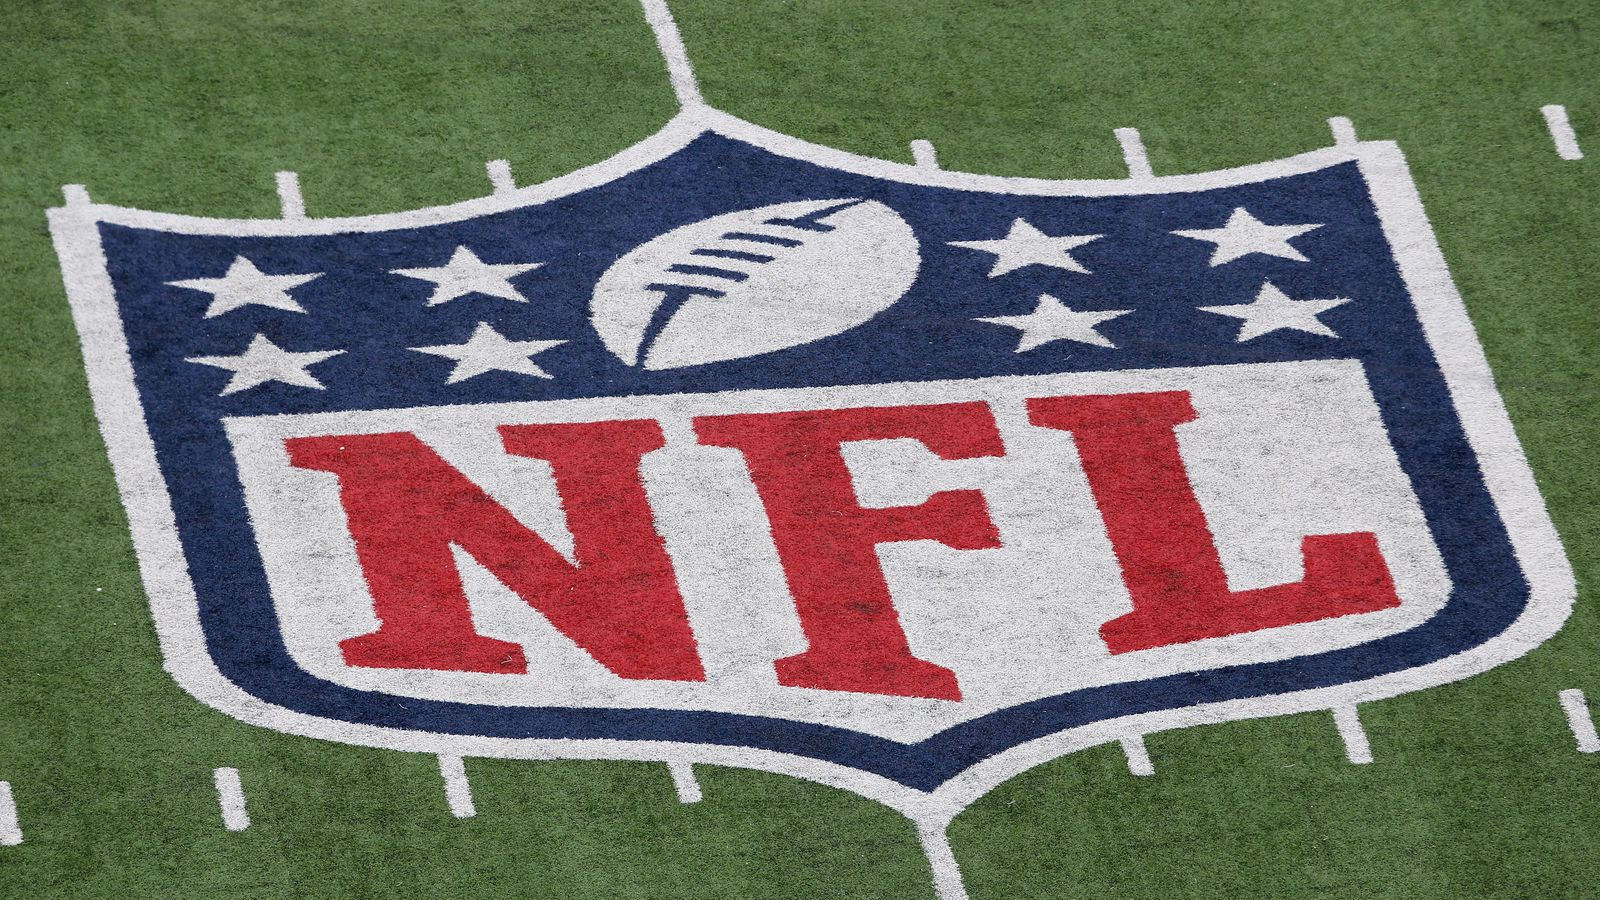 nfl playoff games online afc first login